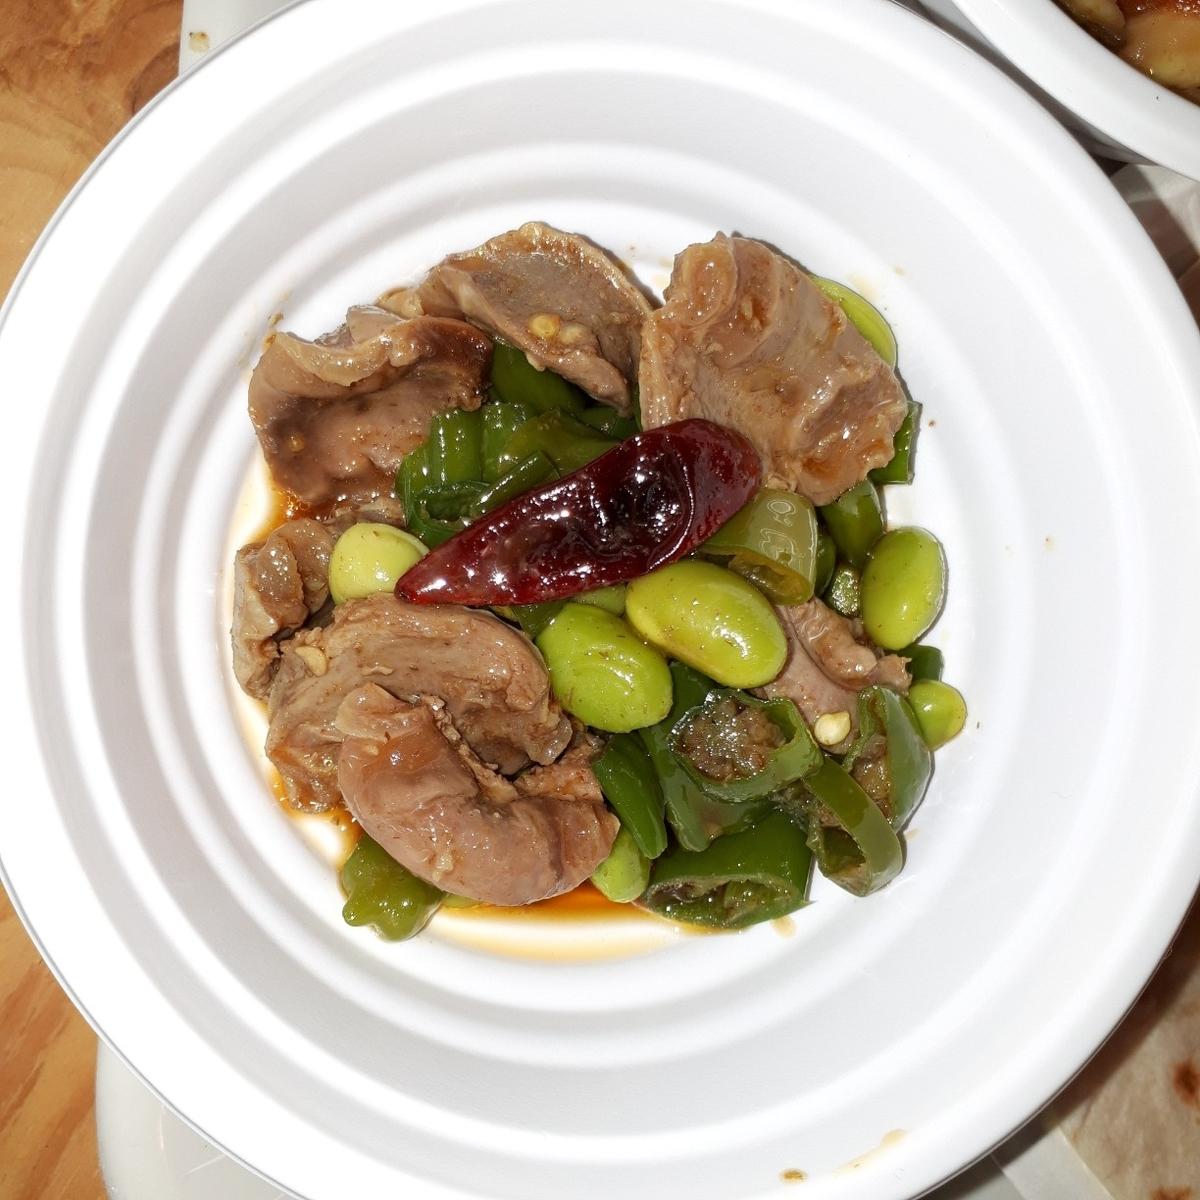 パラディーゾ デル ヴィーノ タケウチ 砂ズリと獅子唐辛子 枝豆の辛味和え